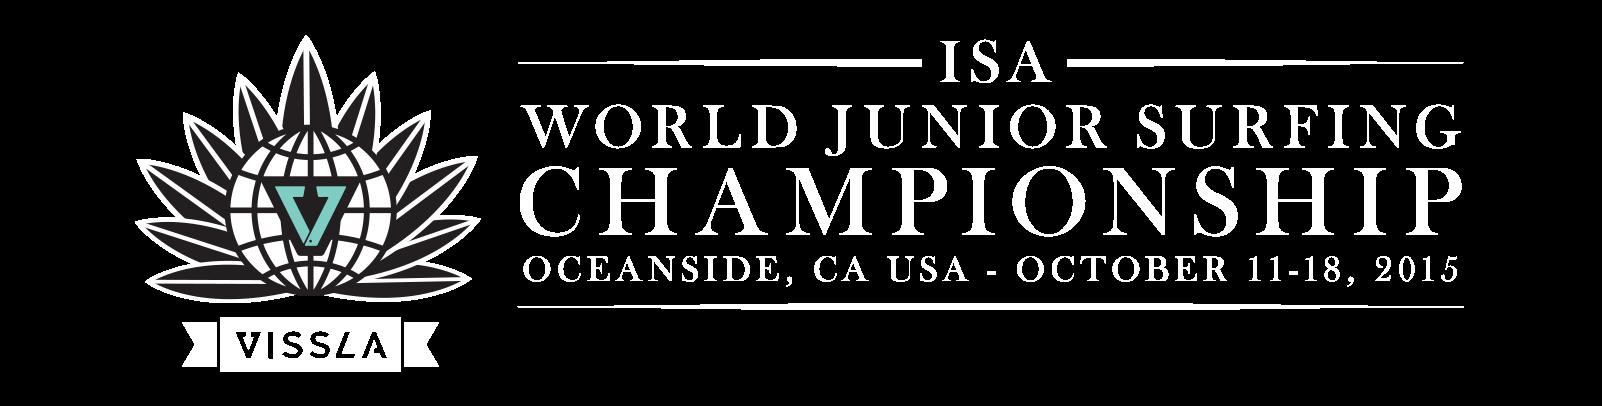 ISA Worlds Juniors Championship Logo